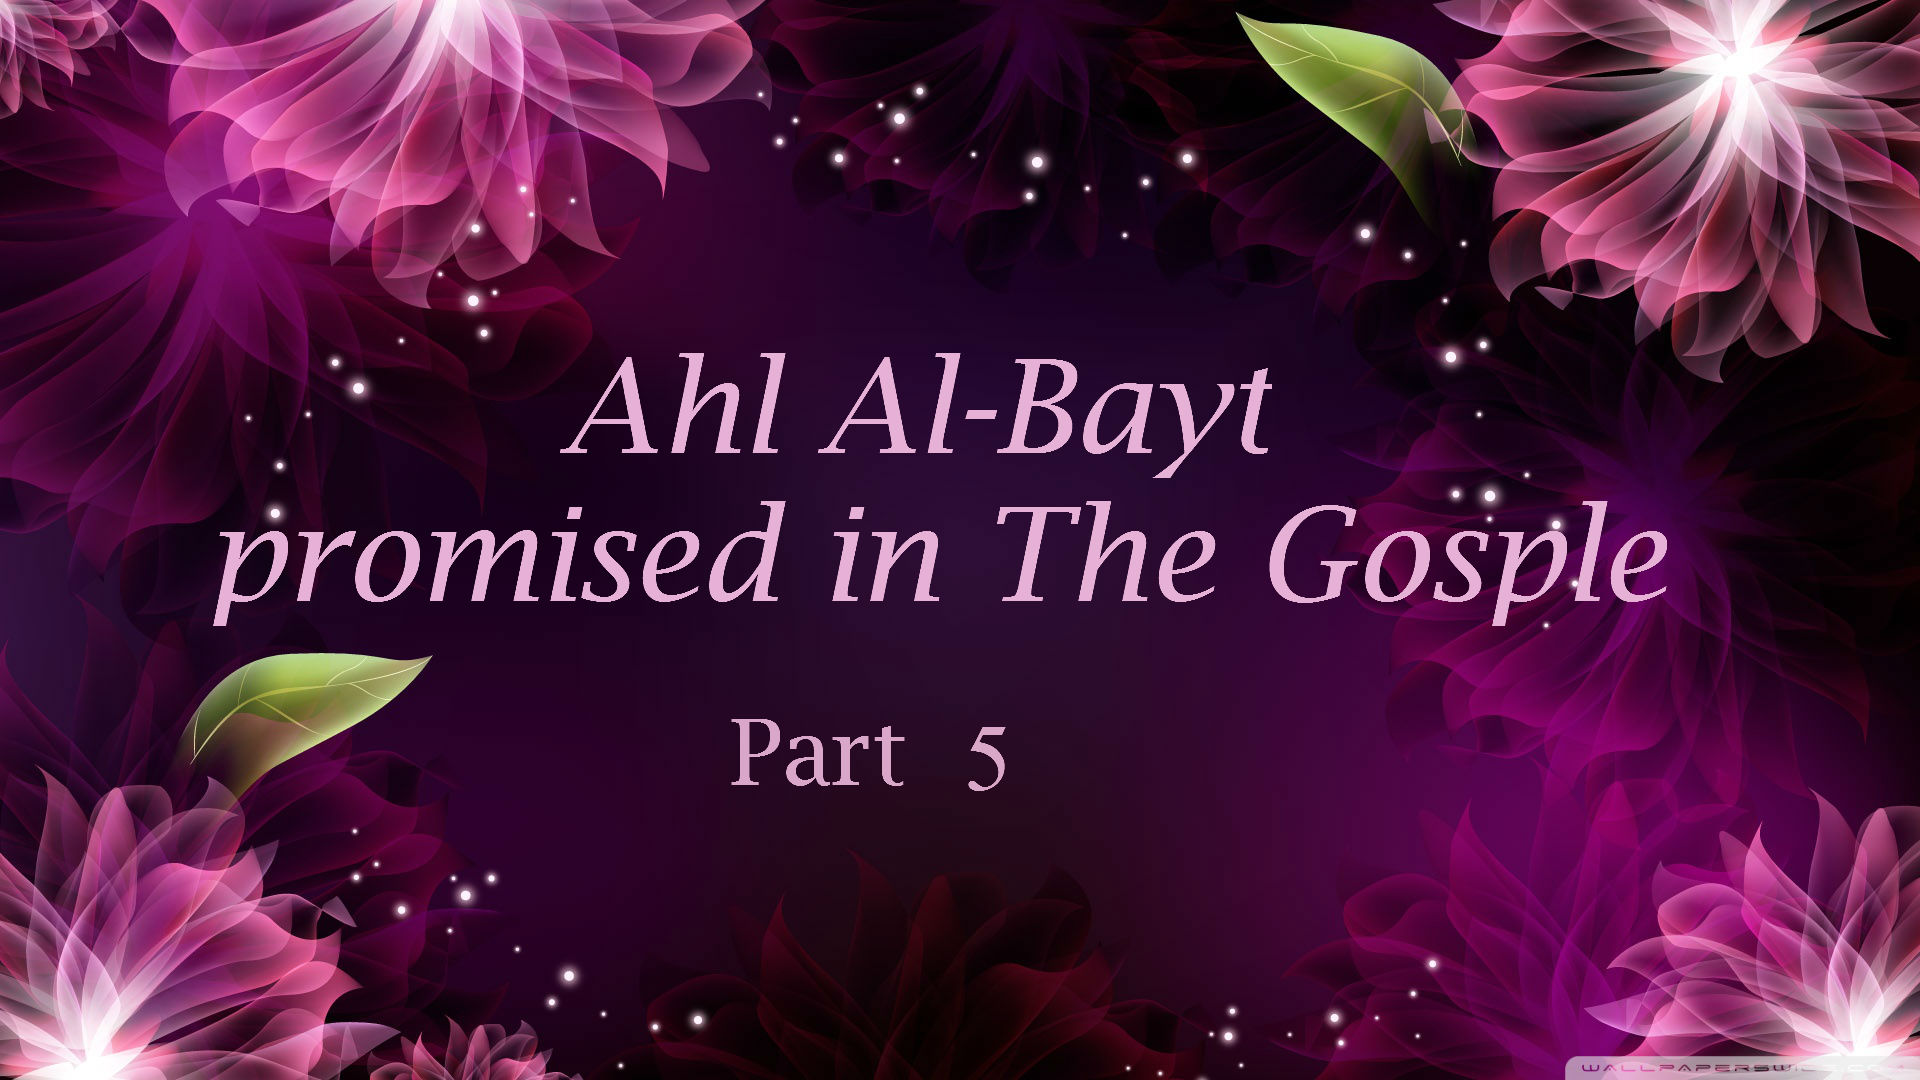 Maula Ali Shrine Wallpaper: Ahl Al-Bayt, Promised In The Gosple -5